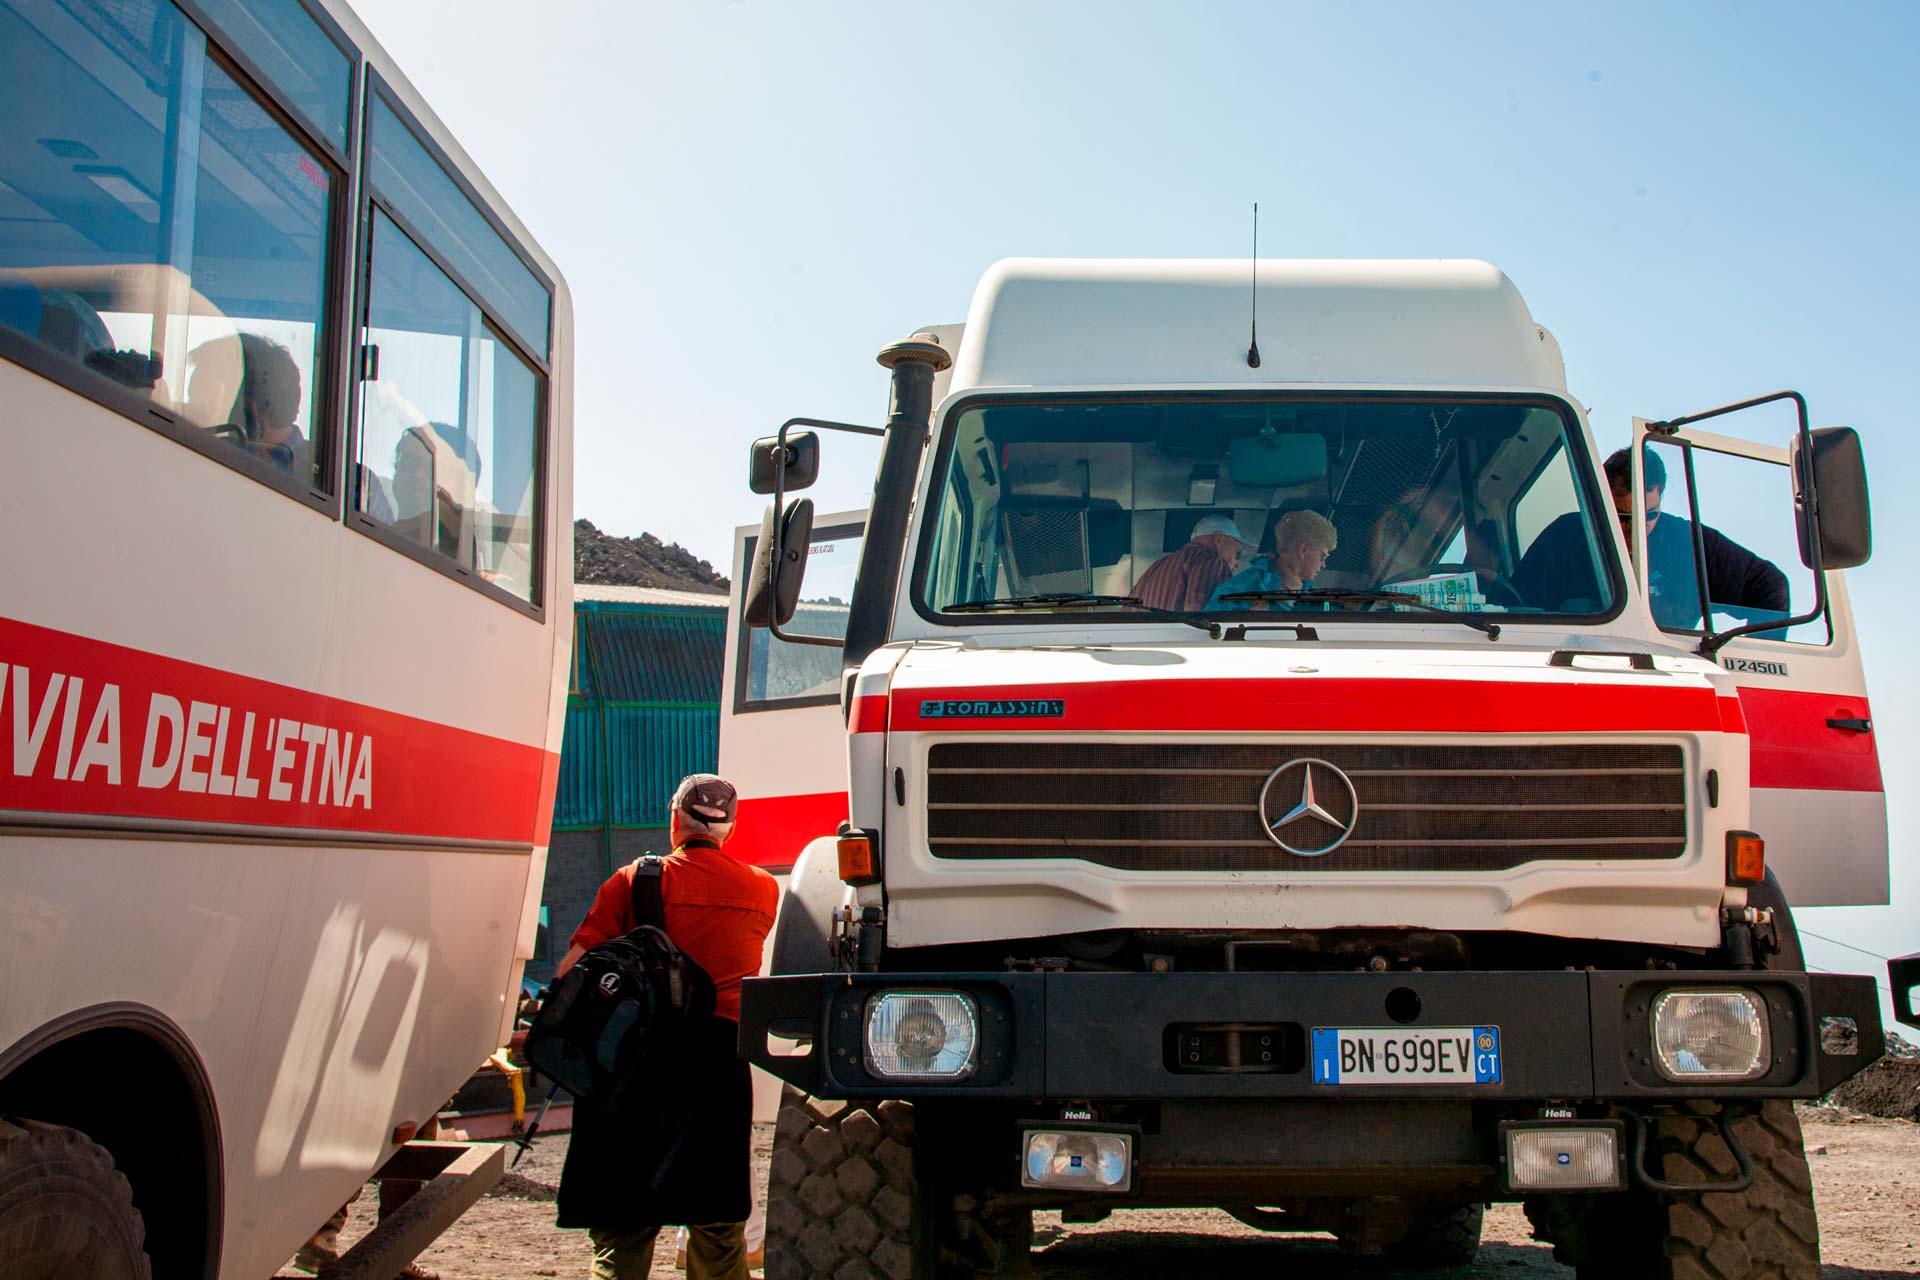 Il servizio viene svolto con speciali mezzi fuoristrada condotti da esperti autisti che percorrono in assoluta quiete i sentieri più scoscesi.